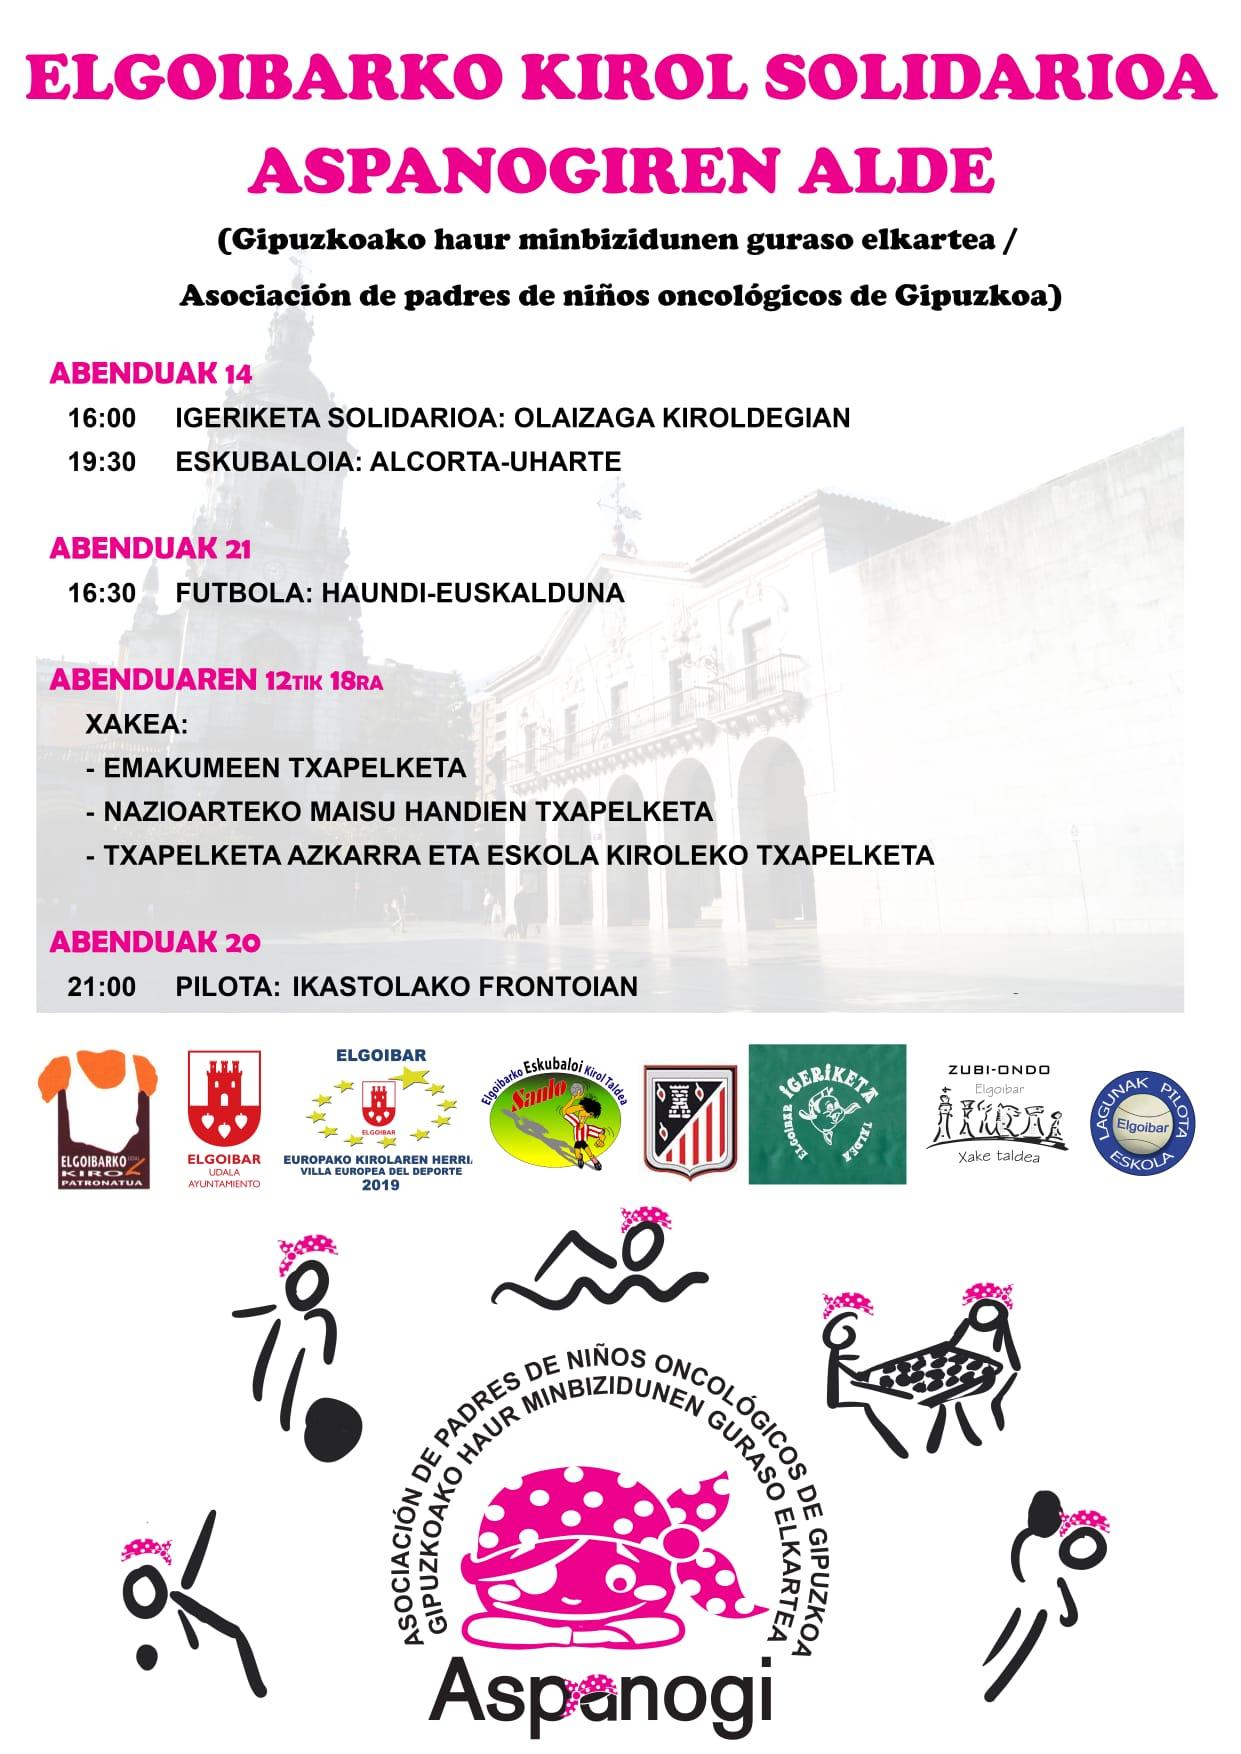 Eventos deportivos en Elgoibar a favor de Aspanogi